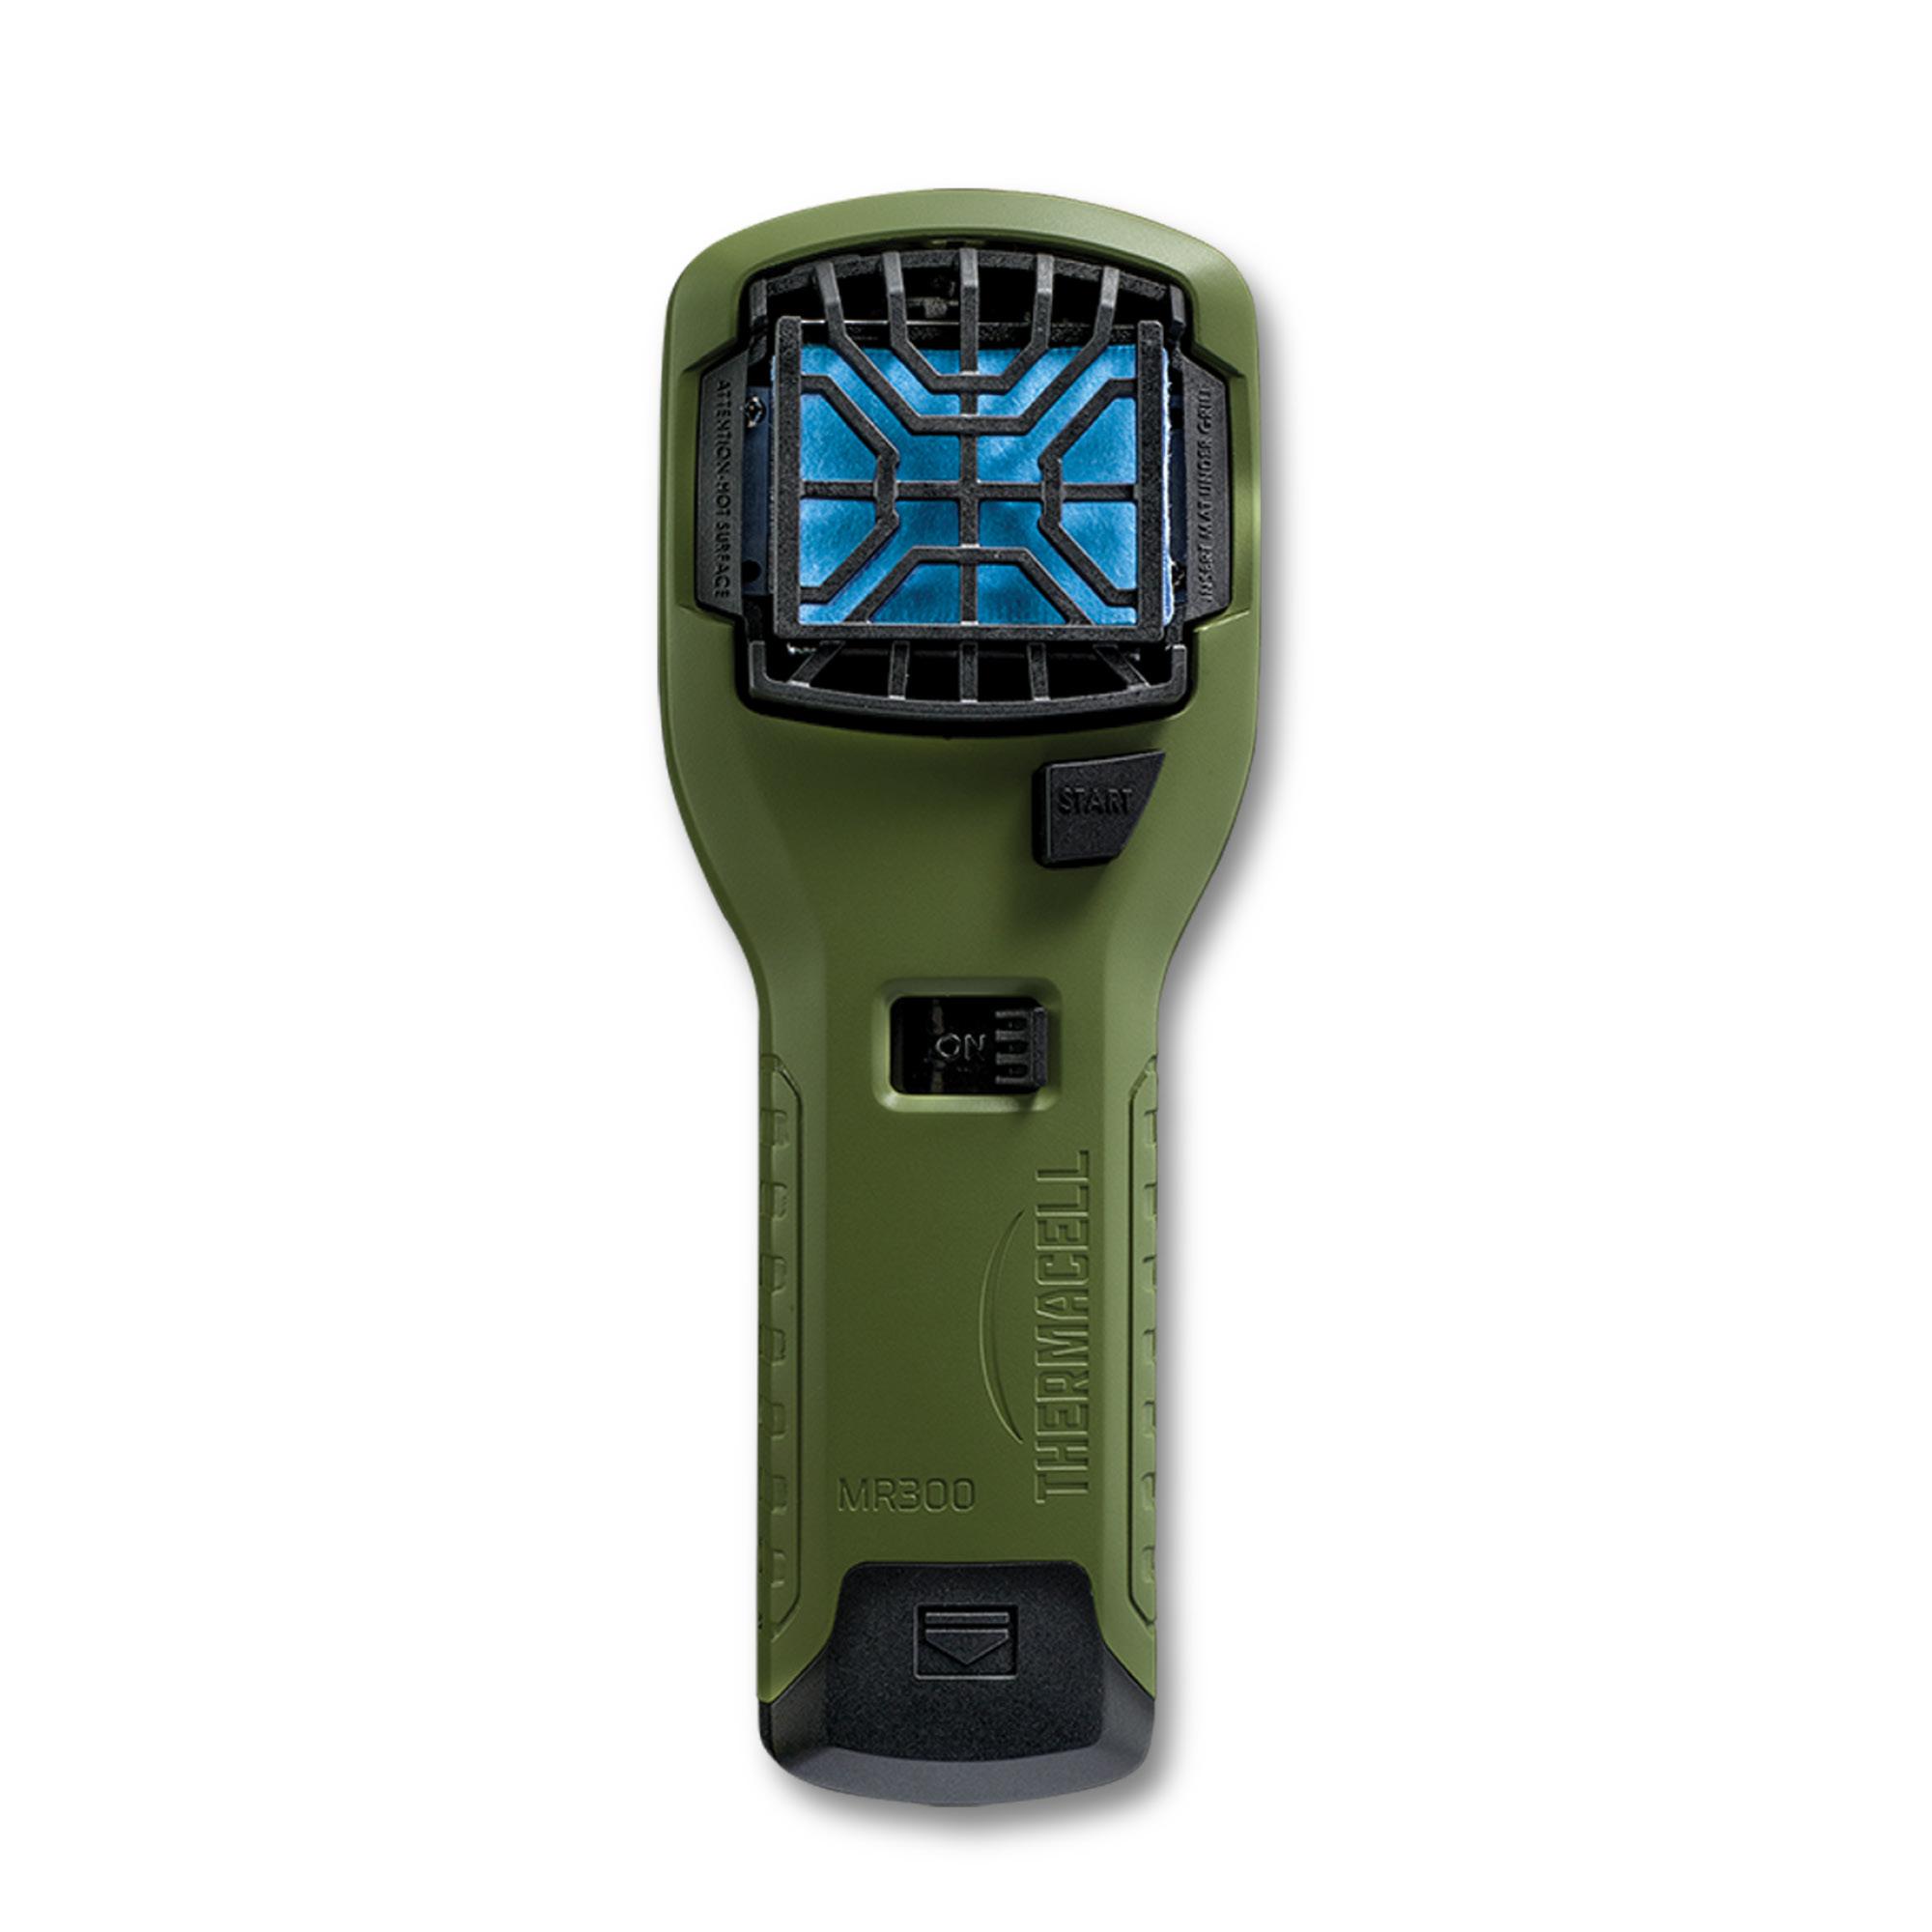 MR300 Mückenabwehr Handgerät - Olive